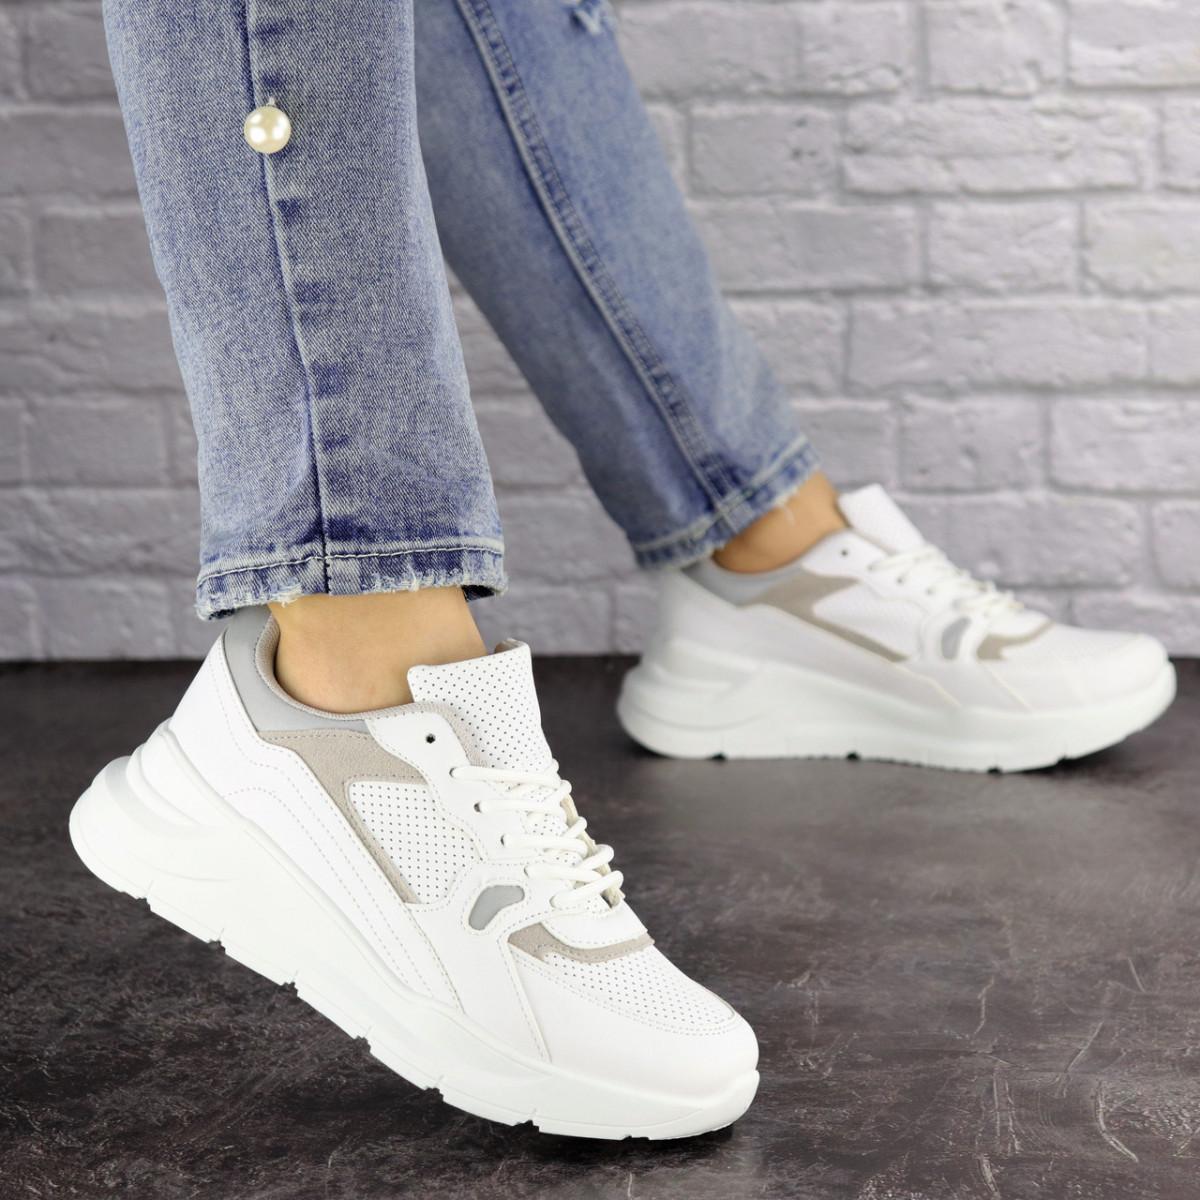 Жіночі кросівки Fashion Gambino 1518 37 розмір 24 см Білий